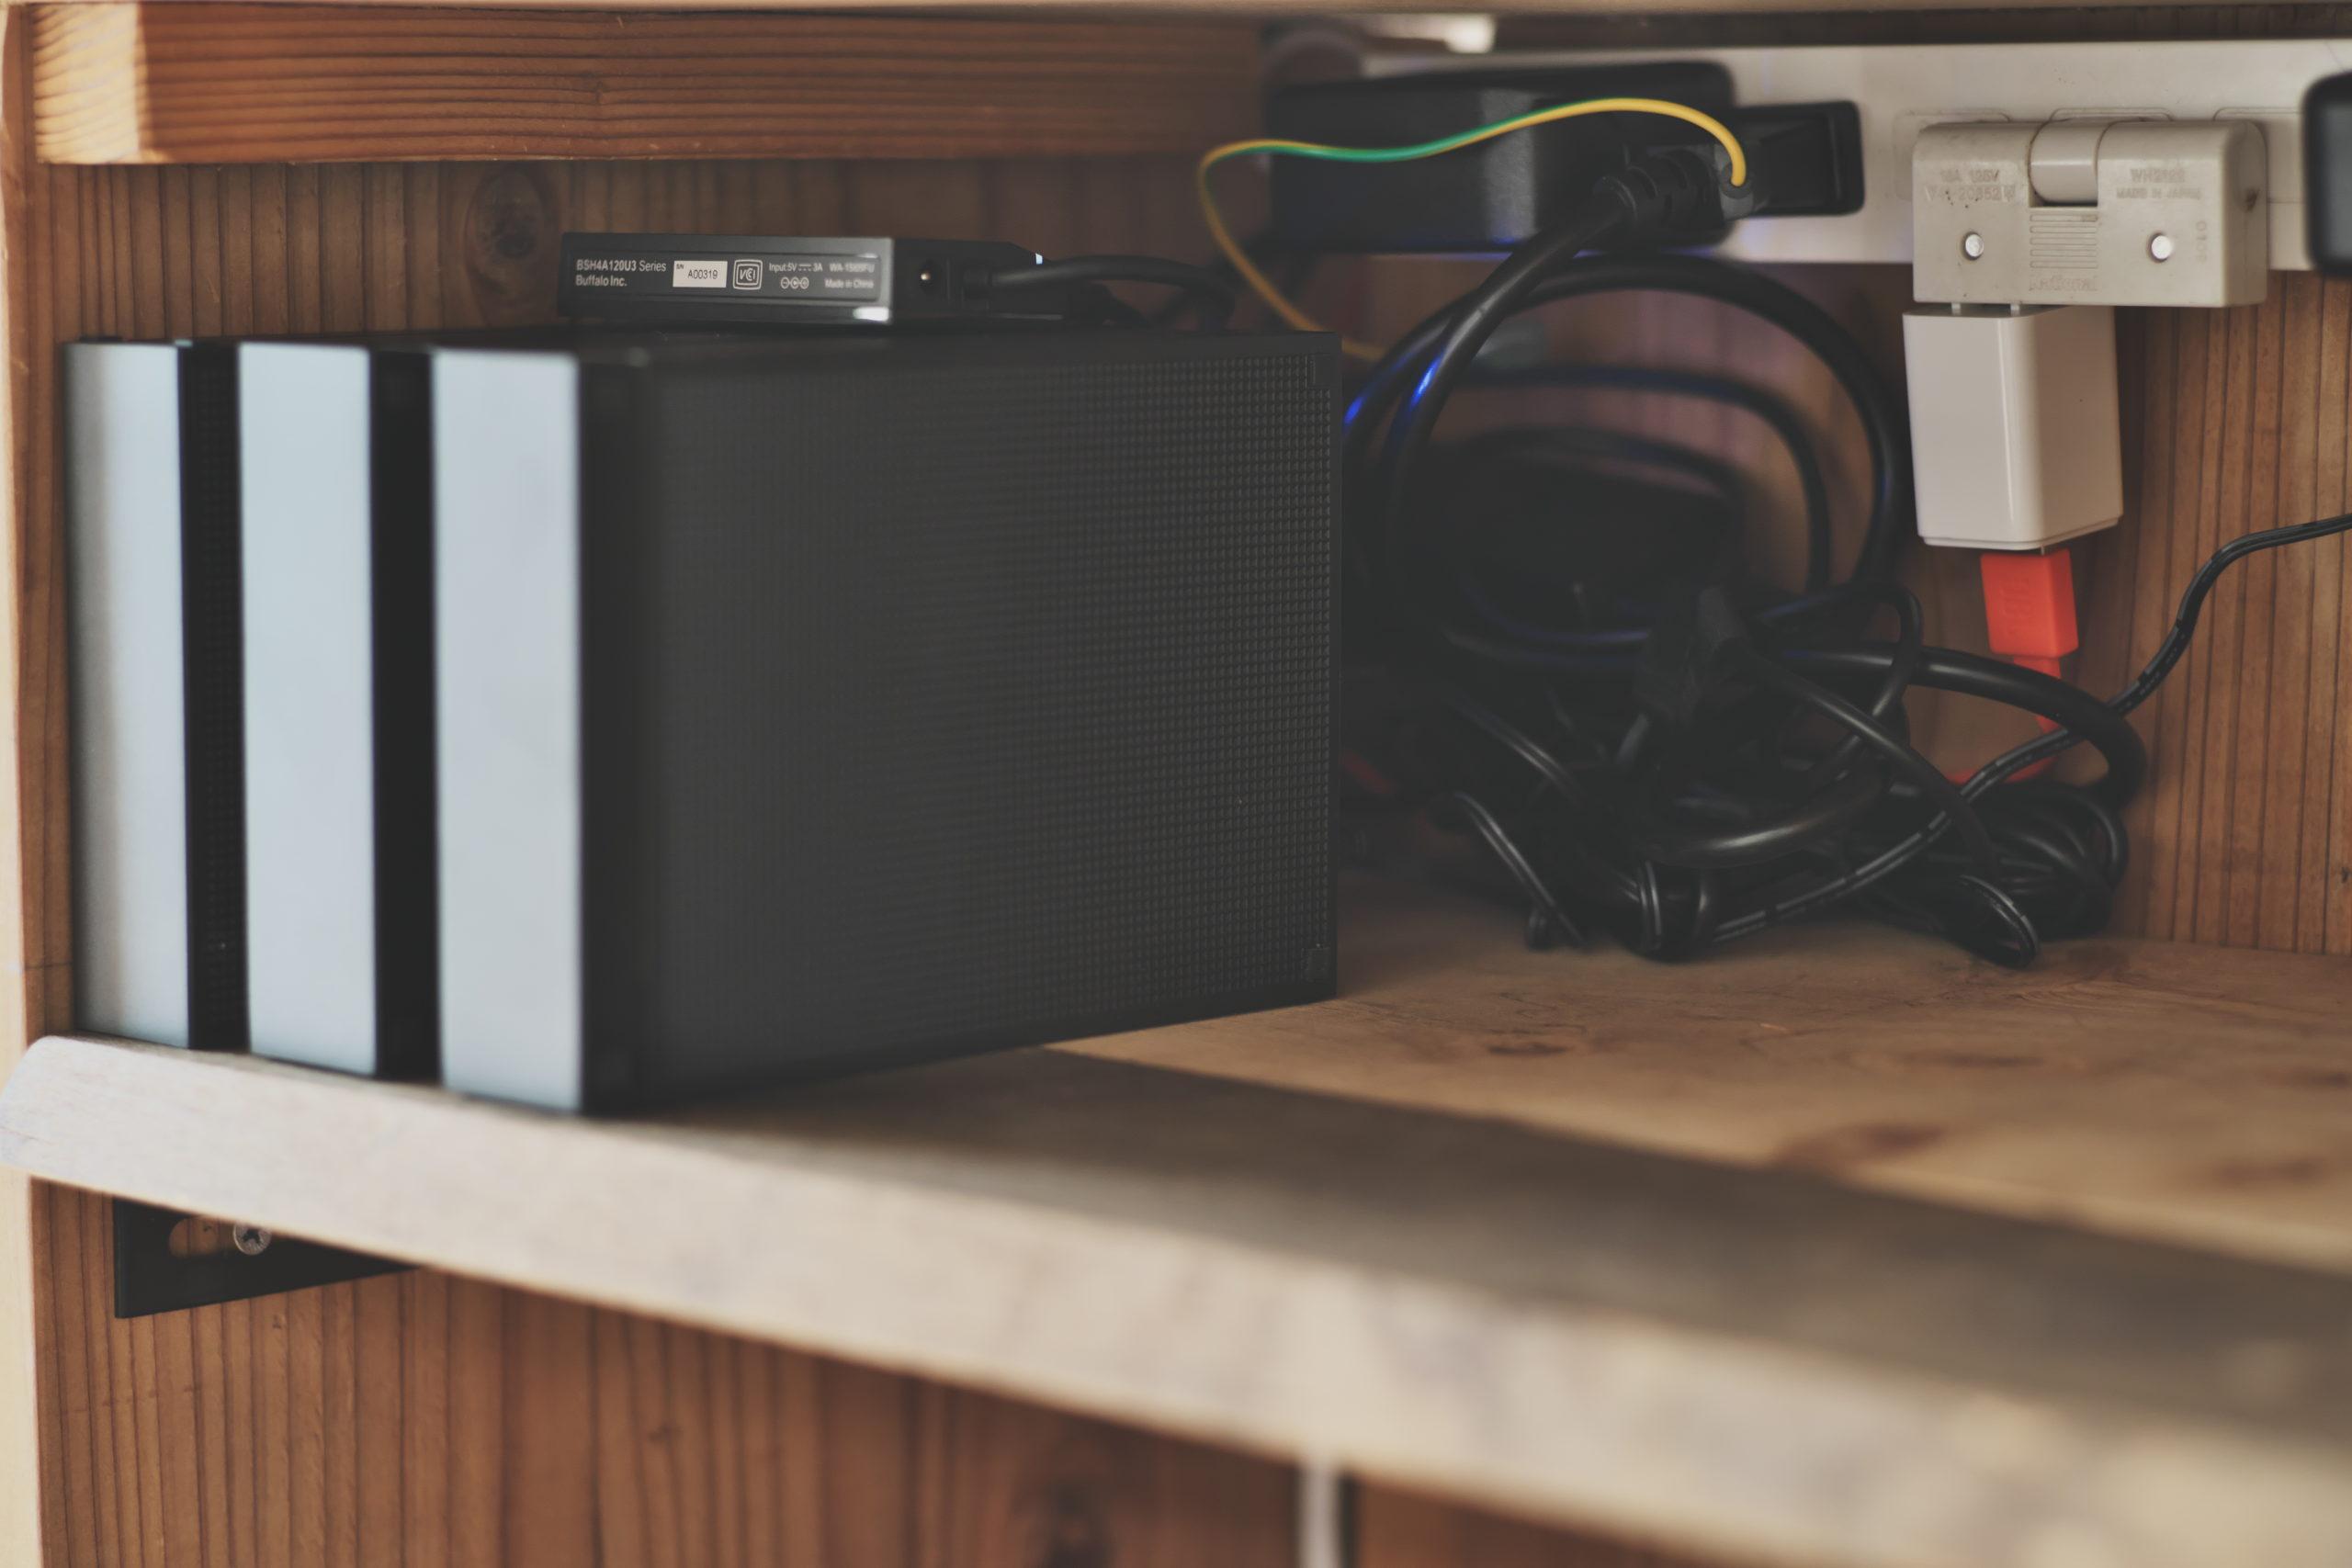 外付けハードディスクとPCの電源コード、接続ケーブル